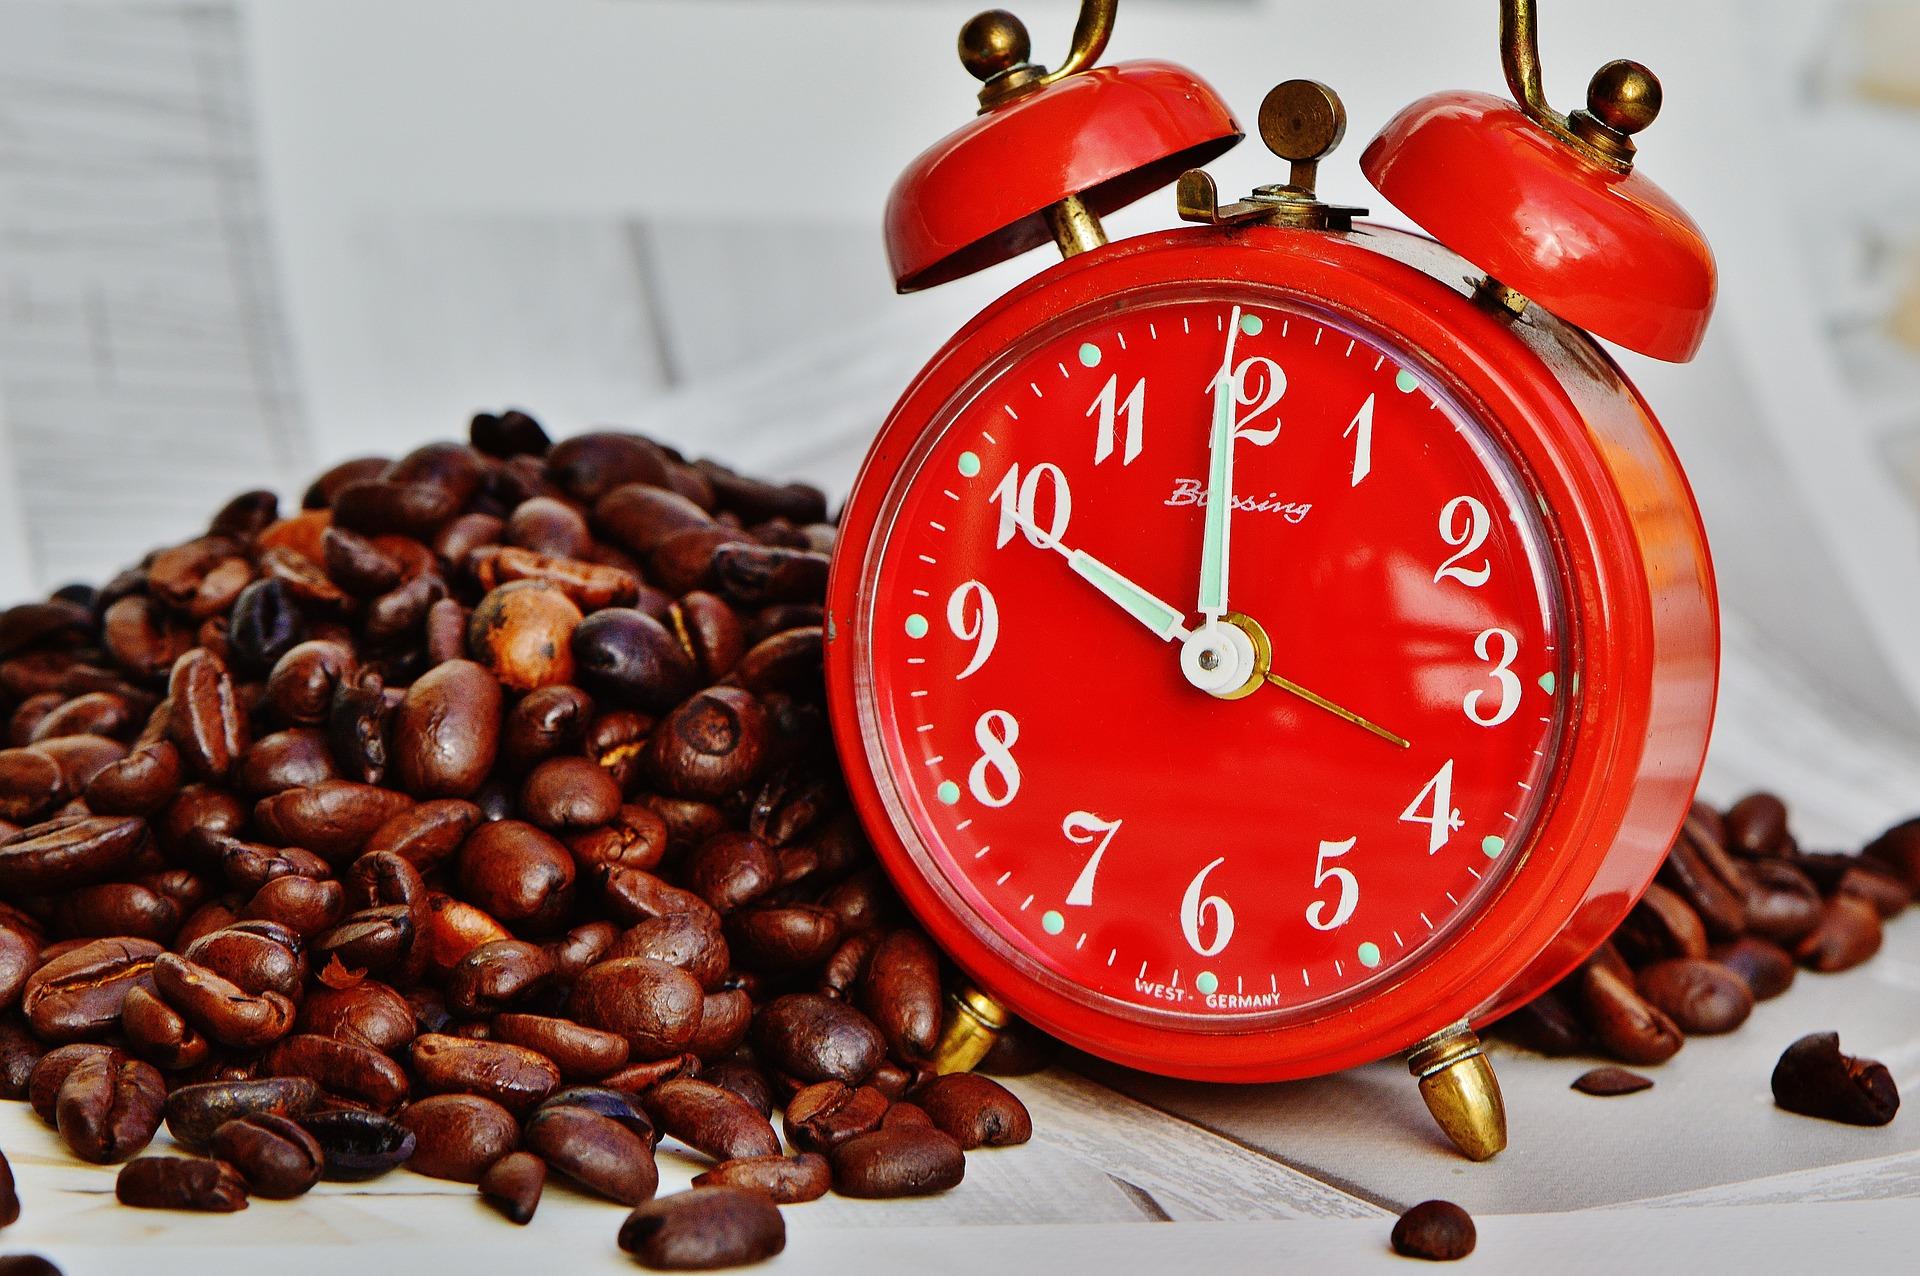 Le temps de pause doit-il être rémunéré ?